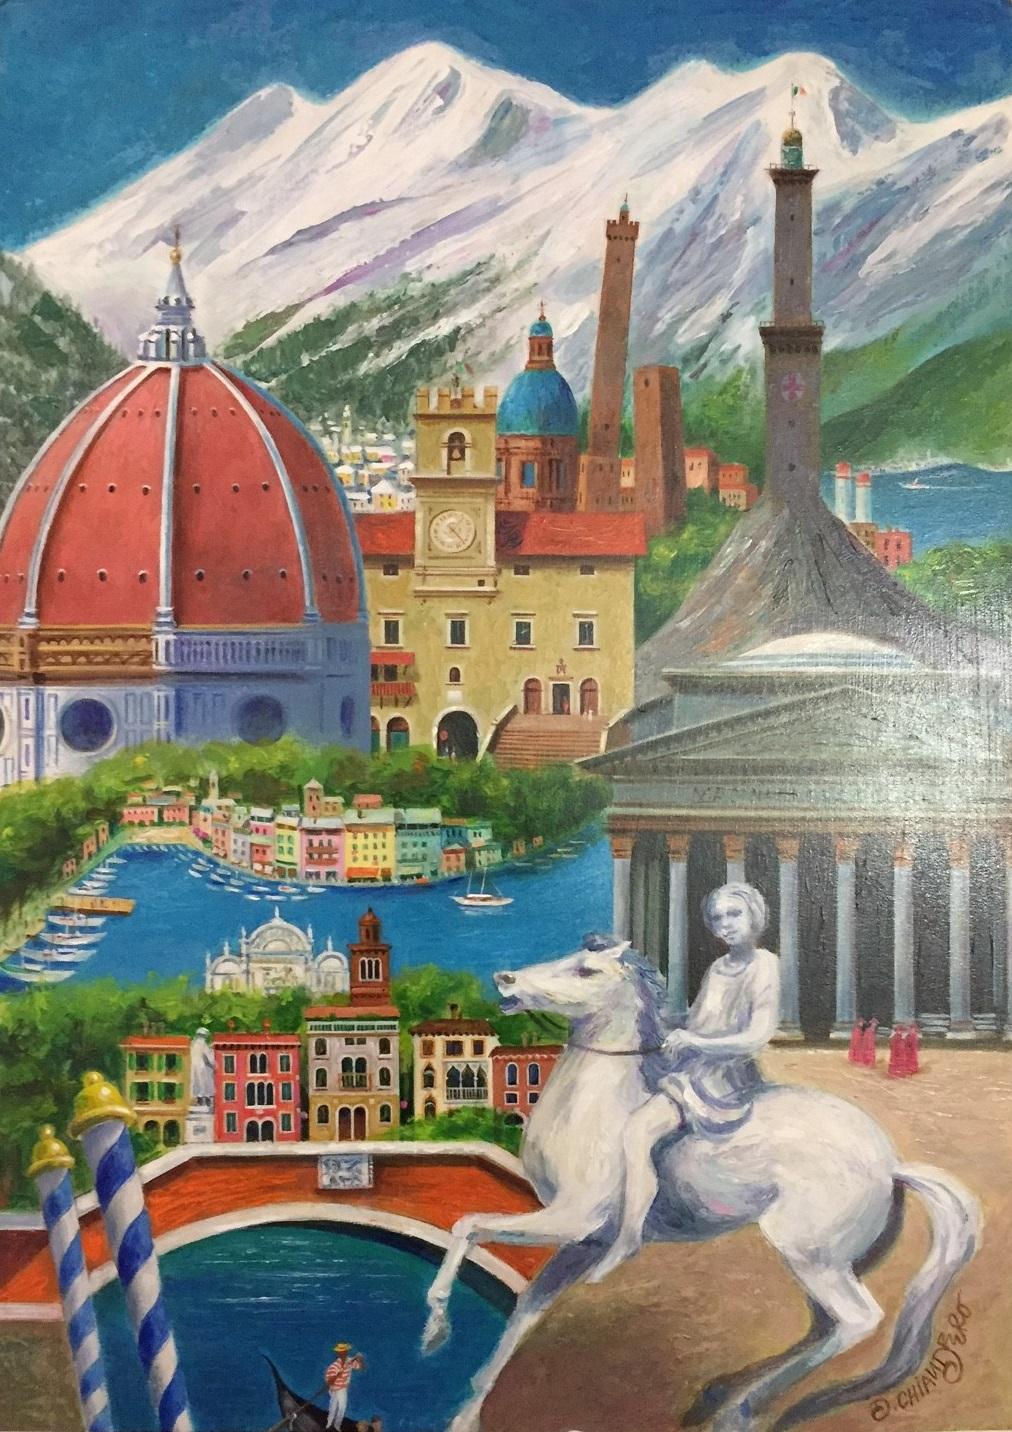 Domenico Chiaudero – Senza titolo